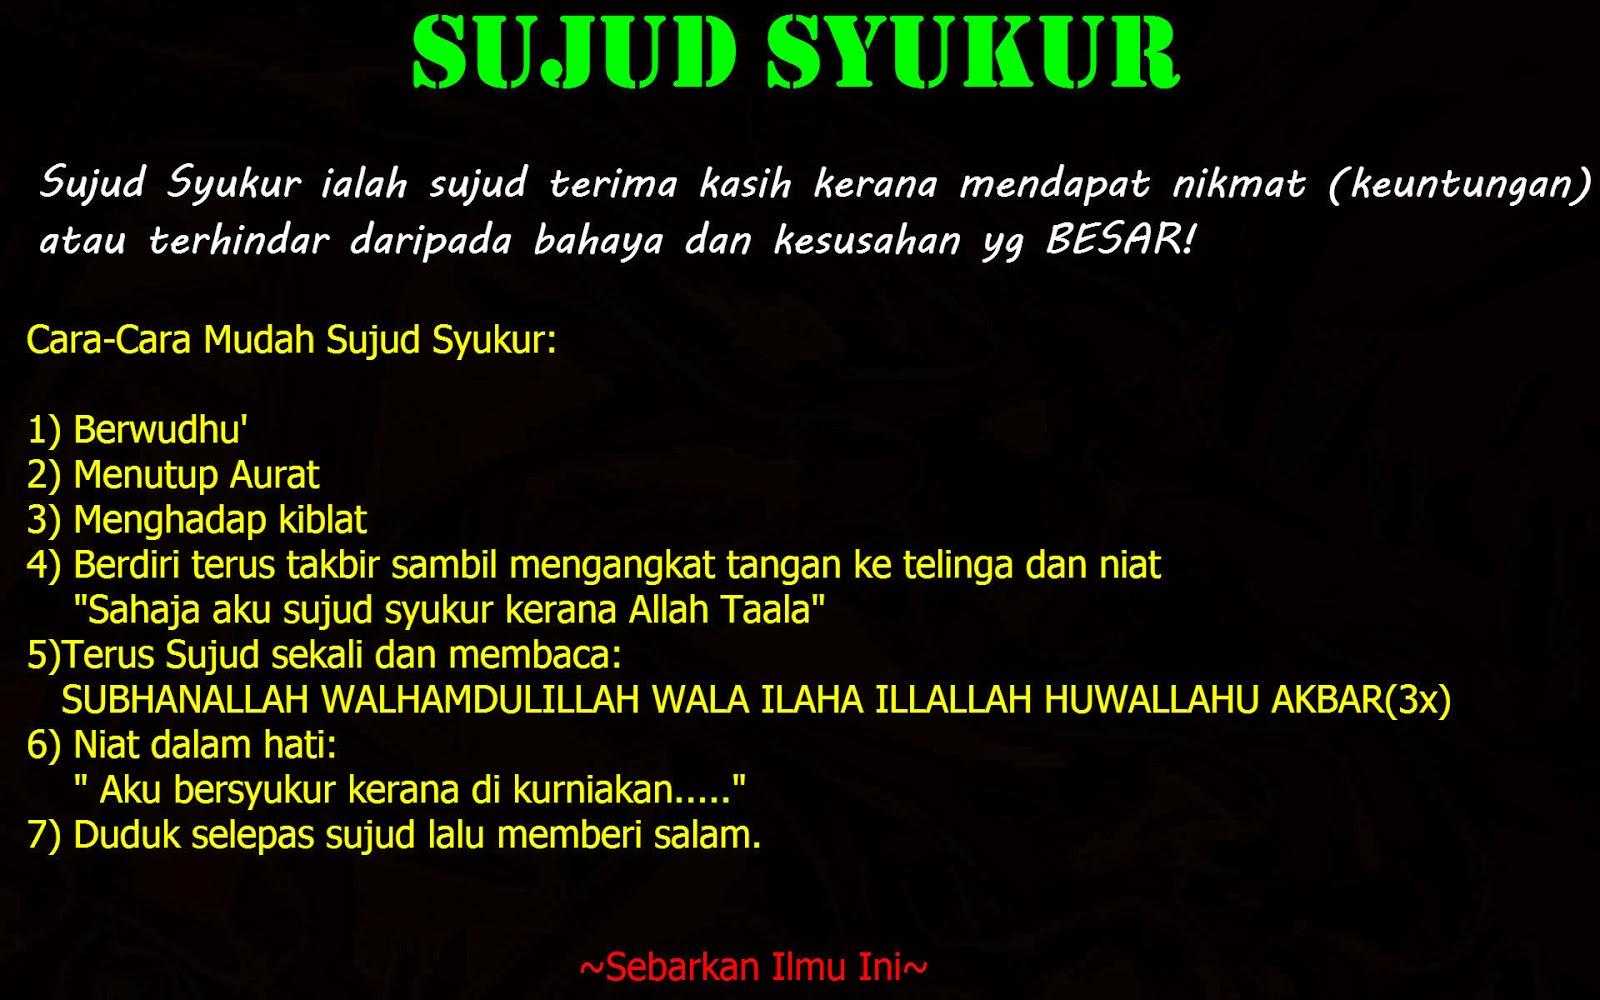 http://1.bp.blogspot.com/-2AC-fpT-mvg/UtTMAWlRbJI/AAAAAAAAAik/YUKhY8fgpwY/s1600/Sujud+Syukur.jpg